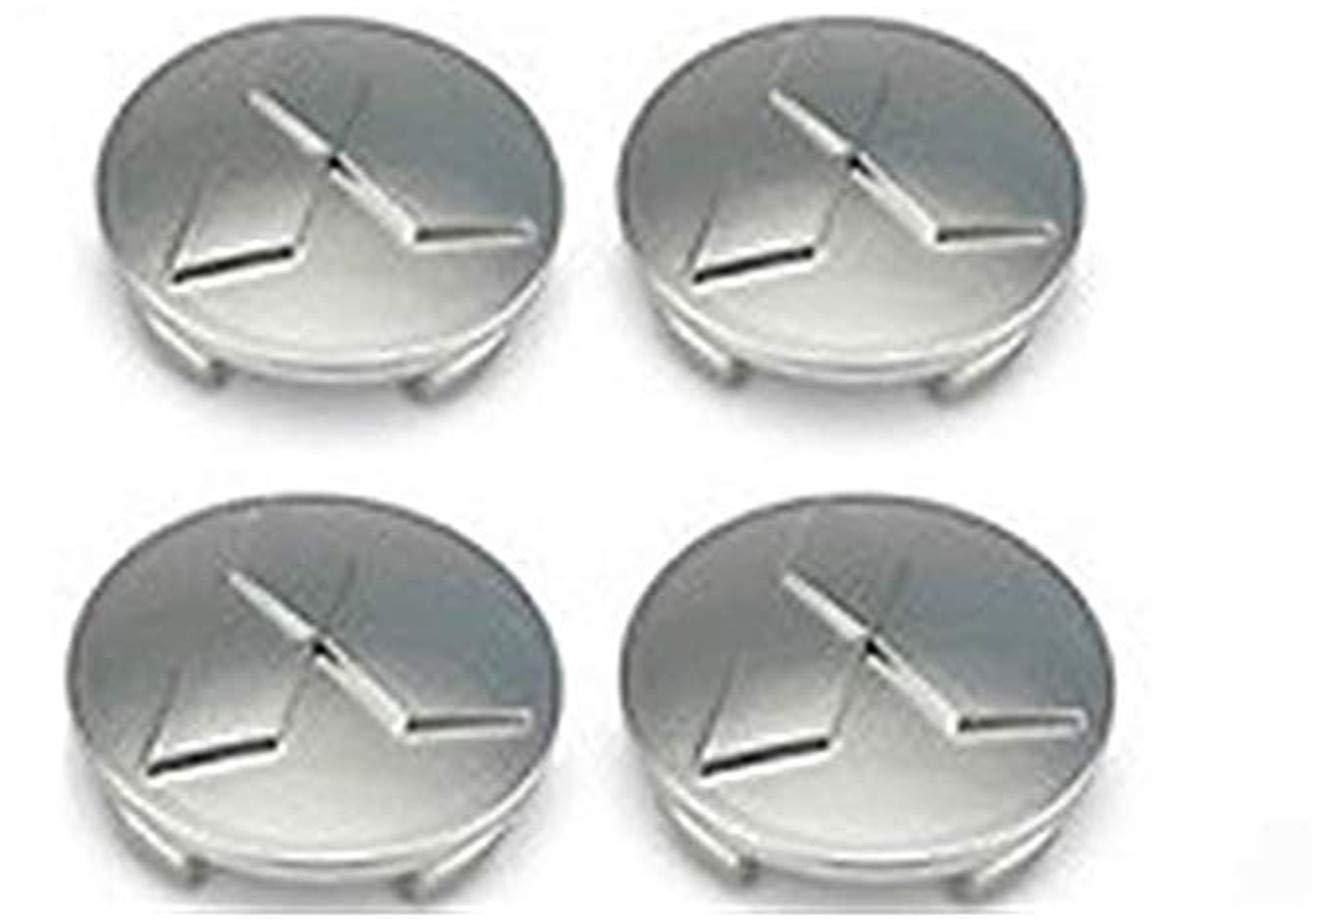 fanlinxin 4 Piezas Mitsubishi 60 mm Galland Outlander Mirage Lancer Eclipse Tapacubos Centro Caps: Amazon.es: Coche y moto